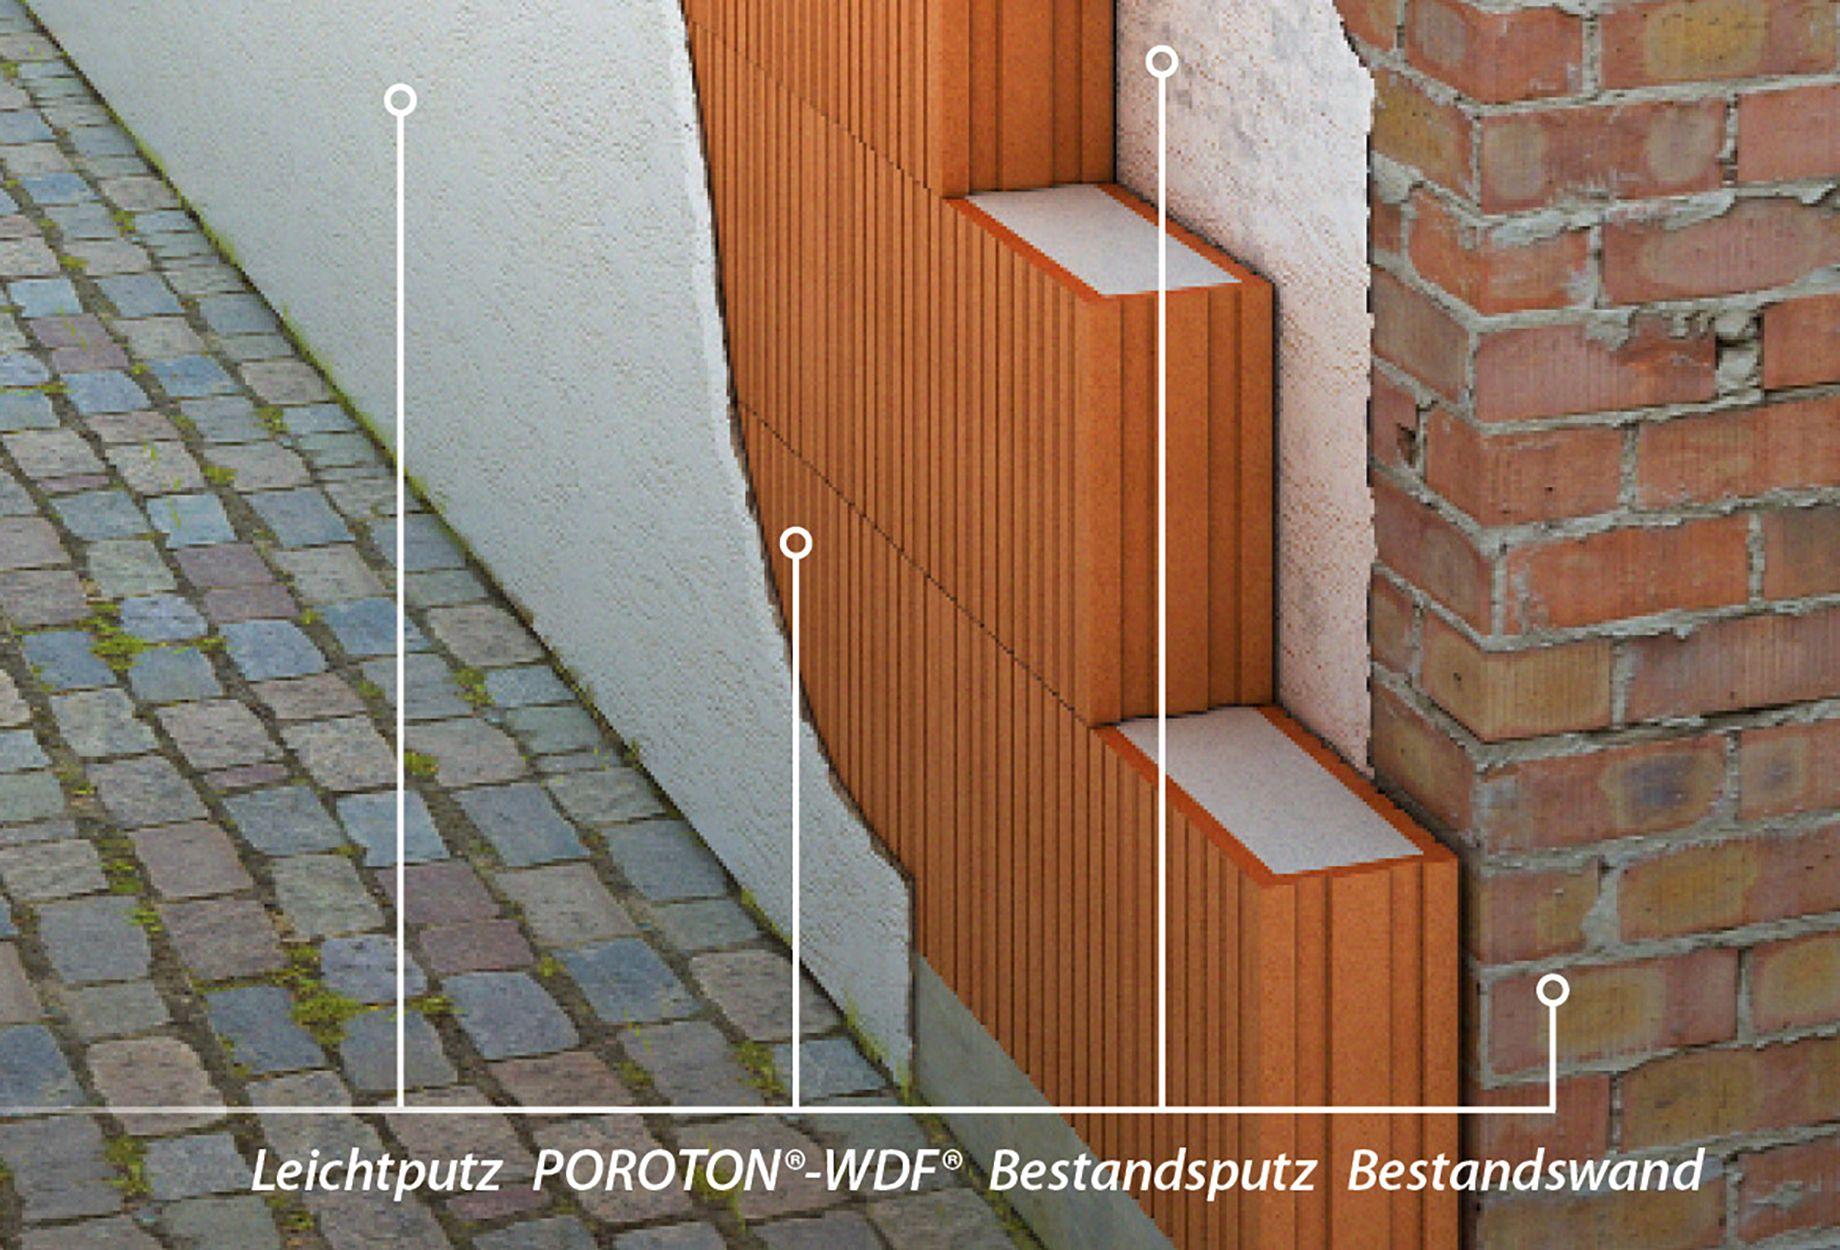 außenwanddämmung mit wärmedämmziegeln poroton®-wdf® - ais-online.de